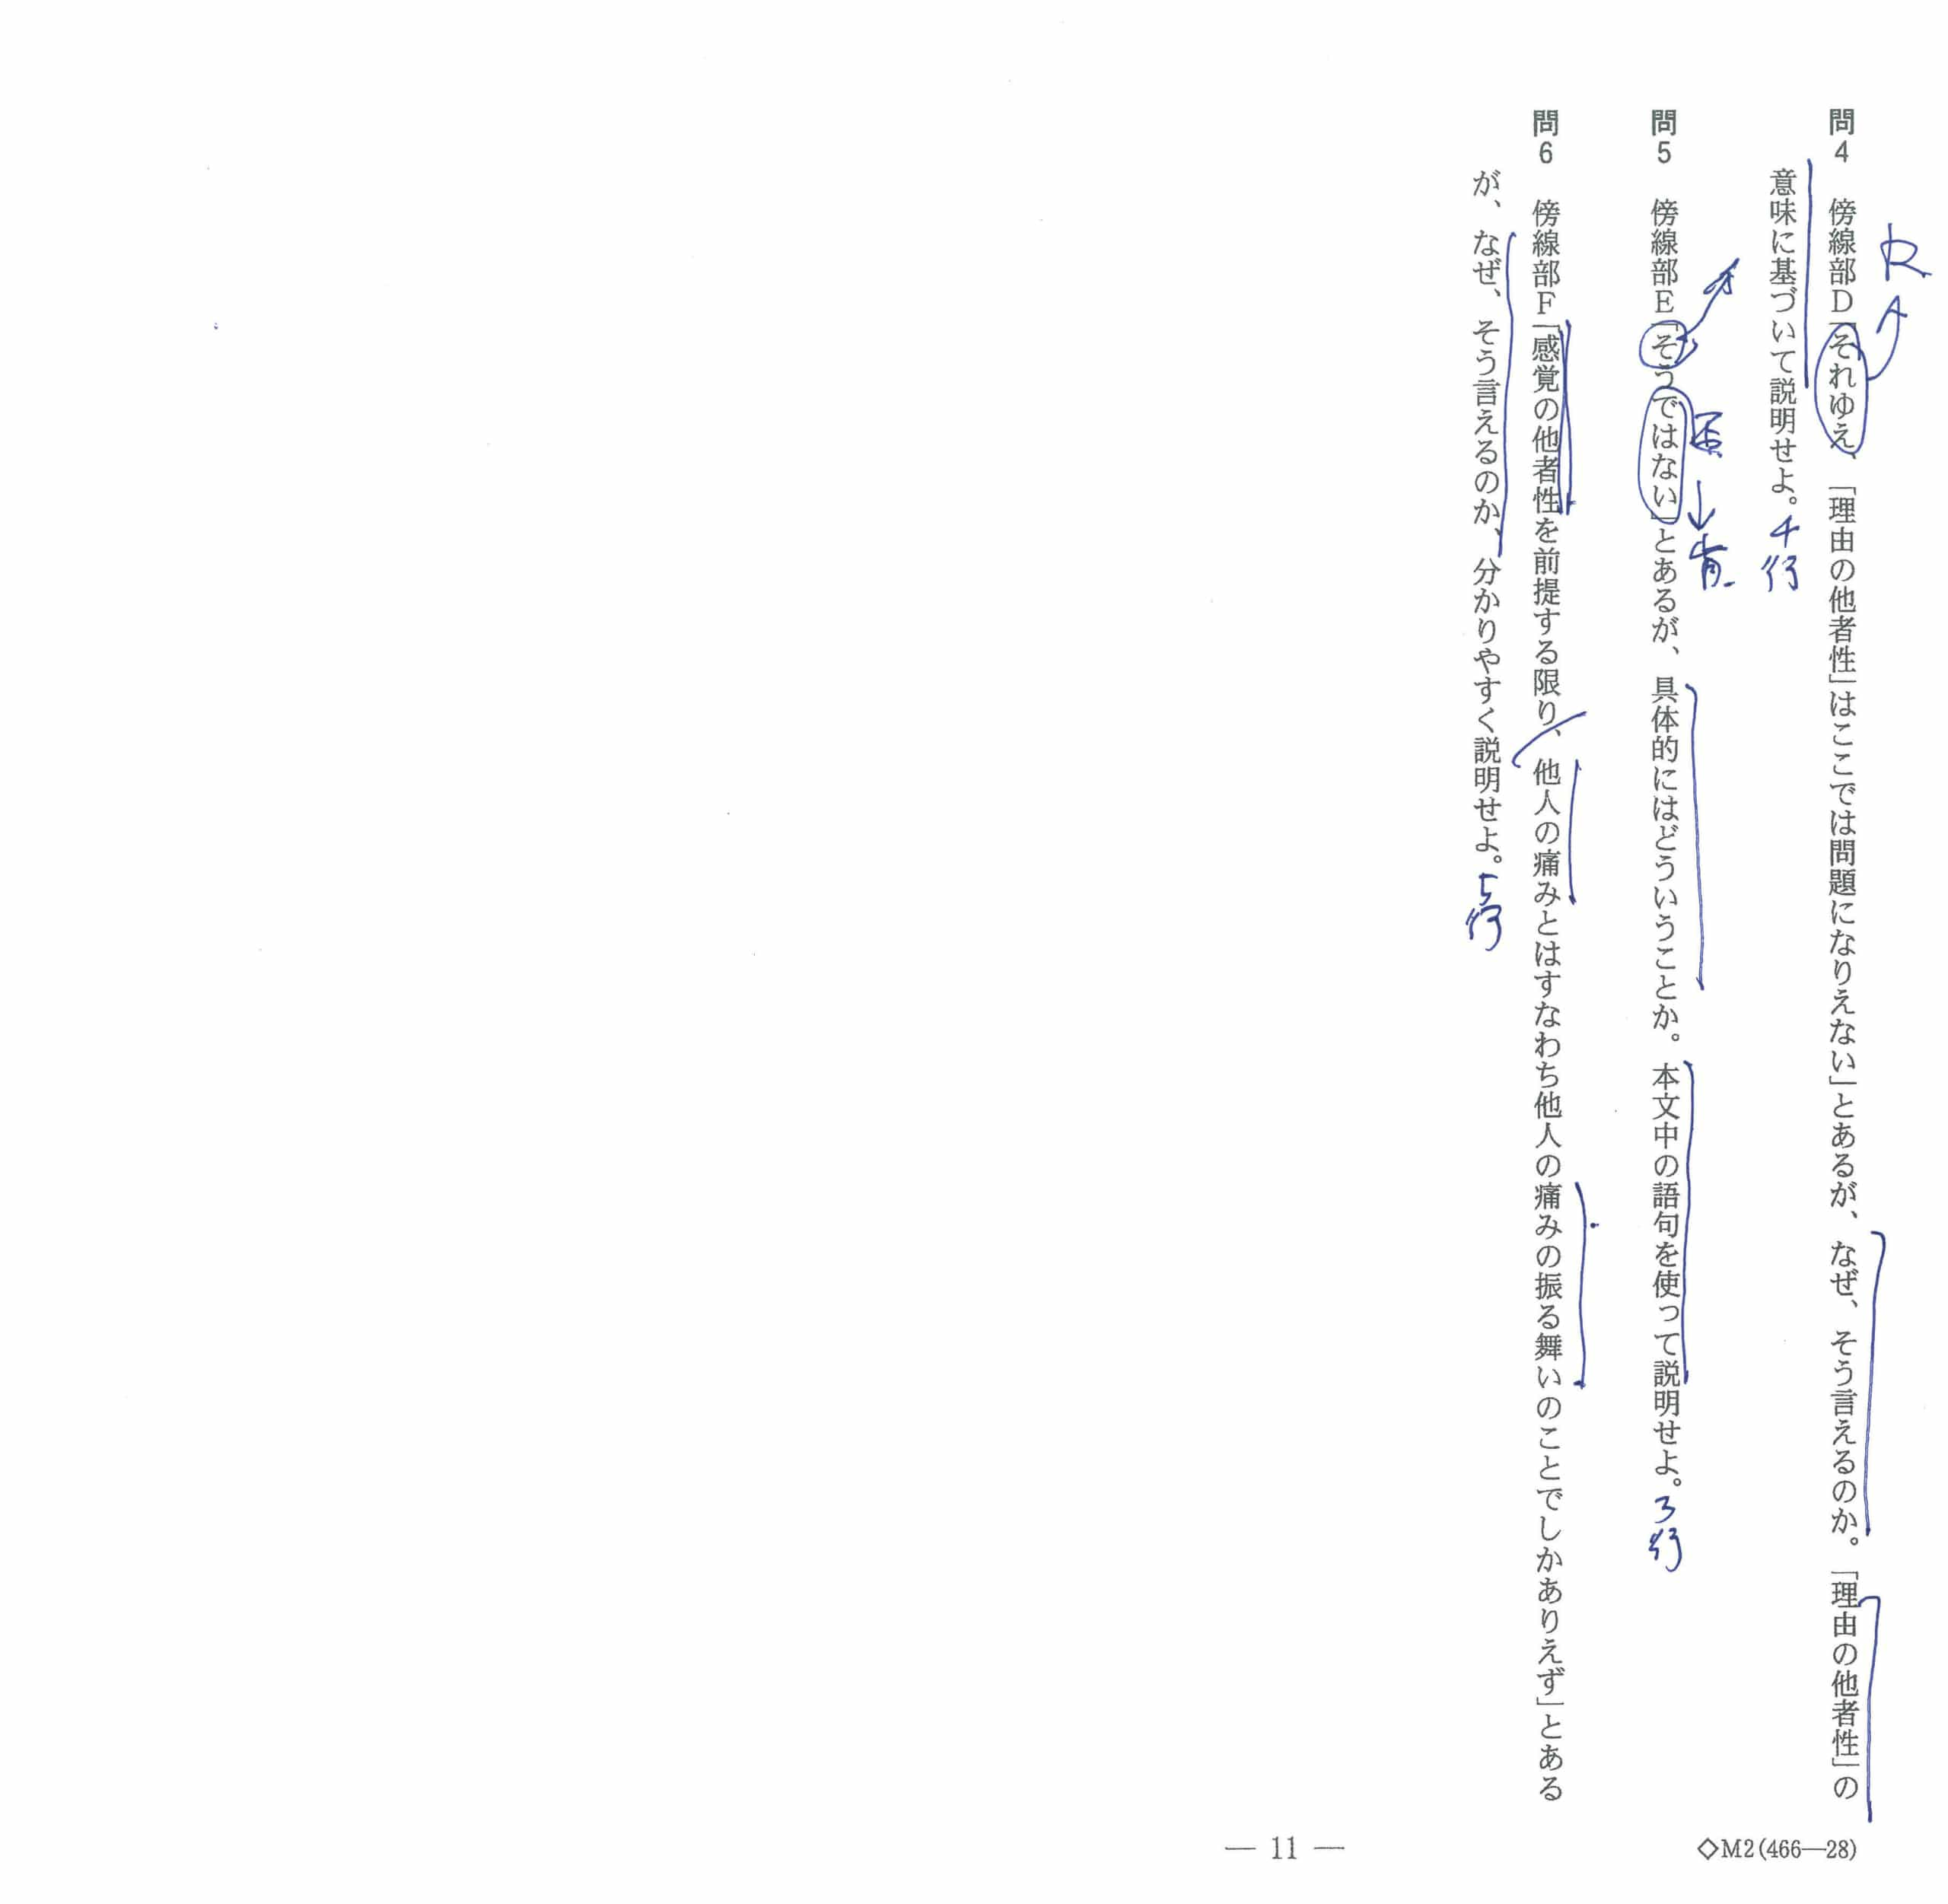 MX-M565FN_20190301_125025_008